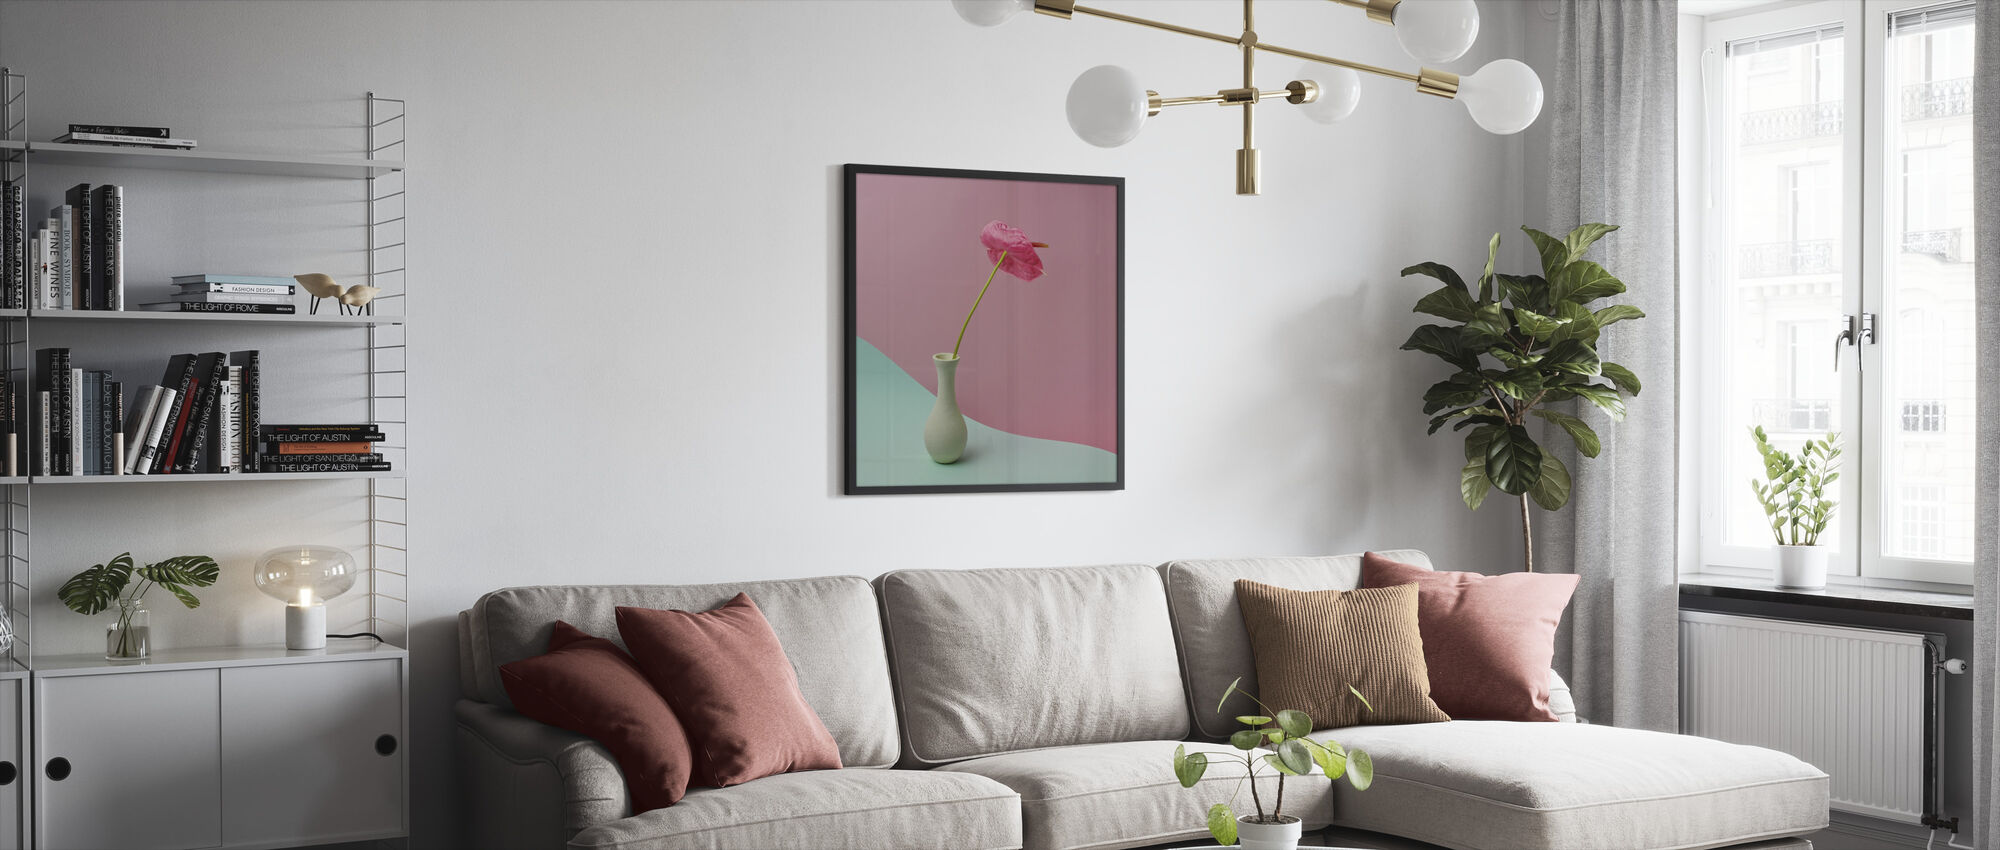 Anthurium in White Vase - Framed print - Living Room